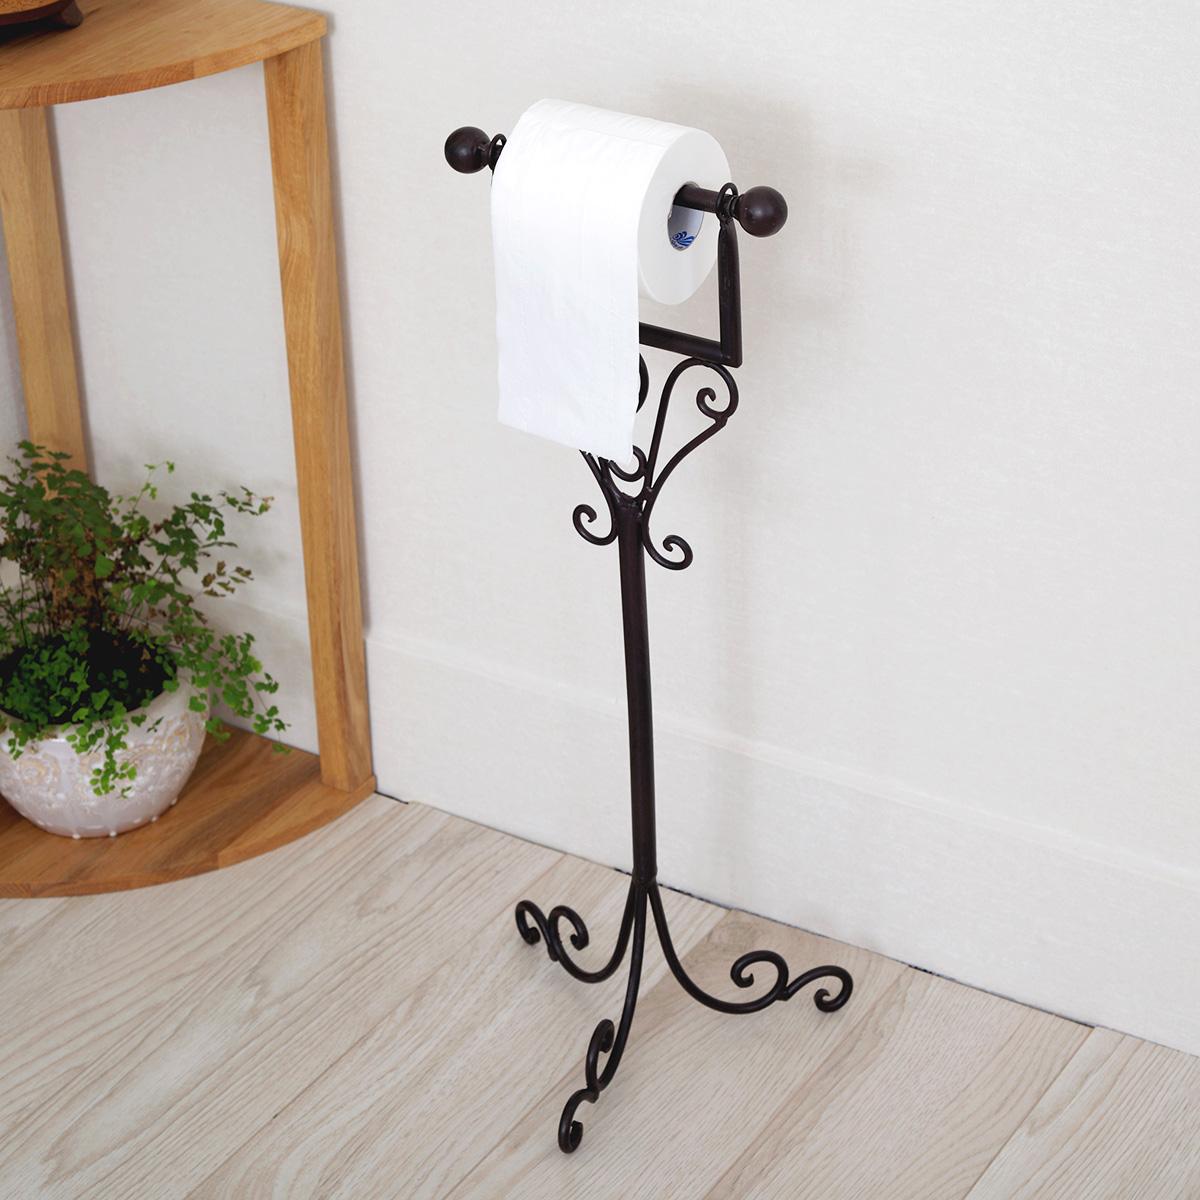 New Crafted ferro FREE STANDING suporte de toalha de papel de papel de  #445F1C 1200x1200 Acessorios Banheiro China